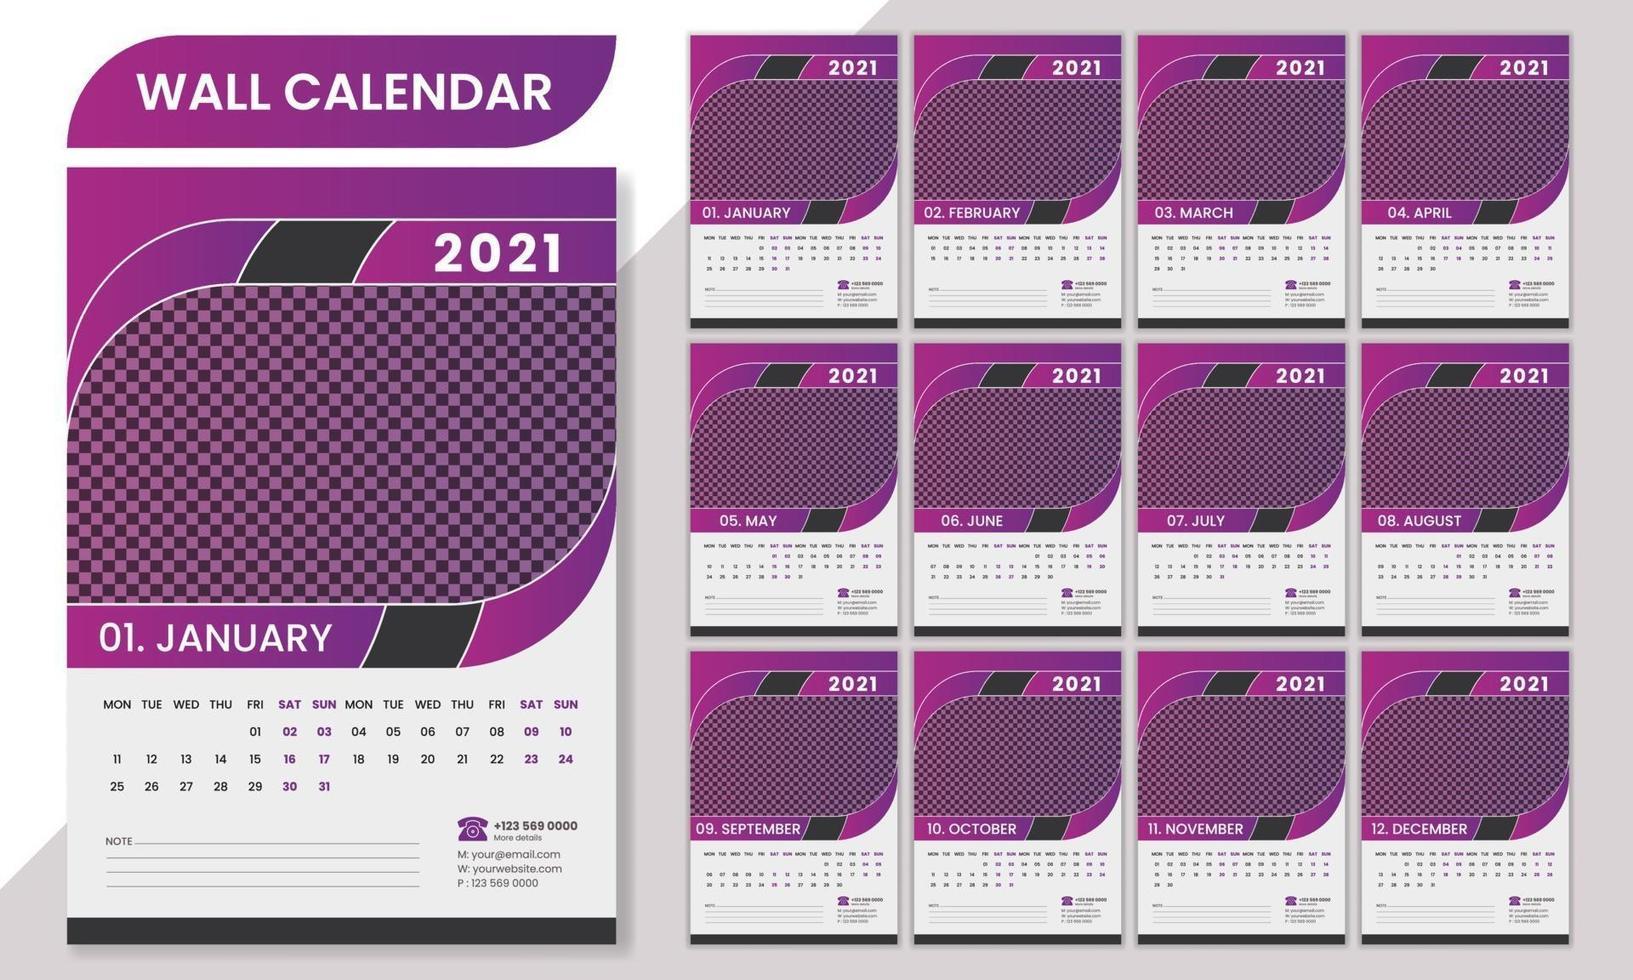 Diseño de plantilla de calendario de pared profesional mínimo 2021. vector